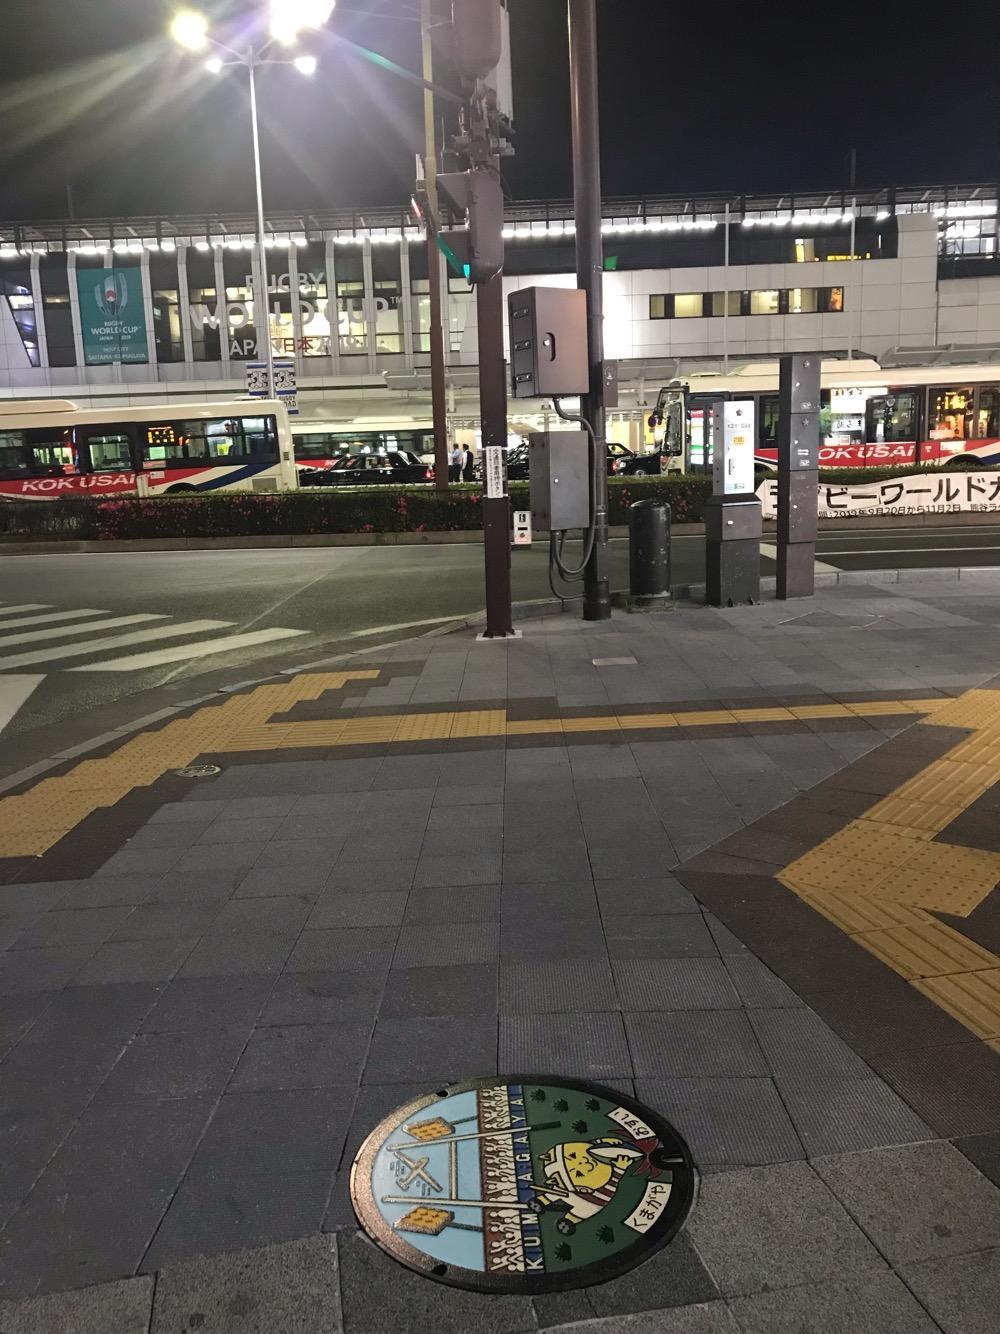 埼玉県熊谷市のラグビーワールドカップ2019のマンホールの蓋がある歩道の周辺